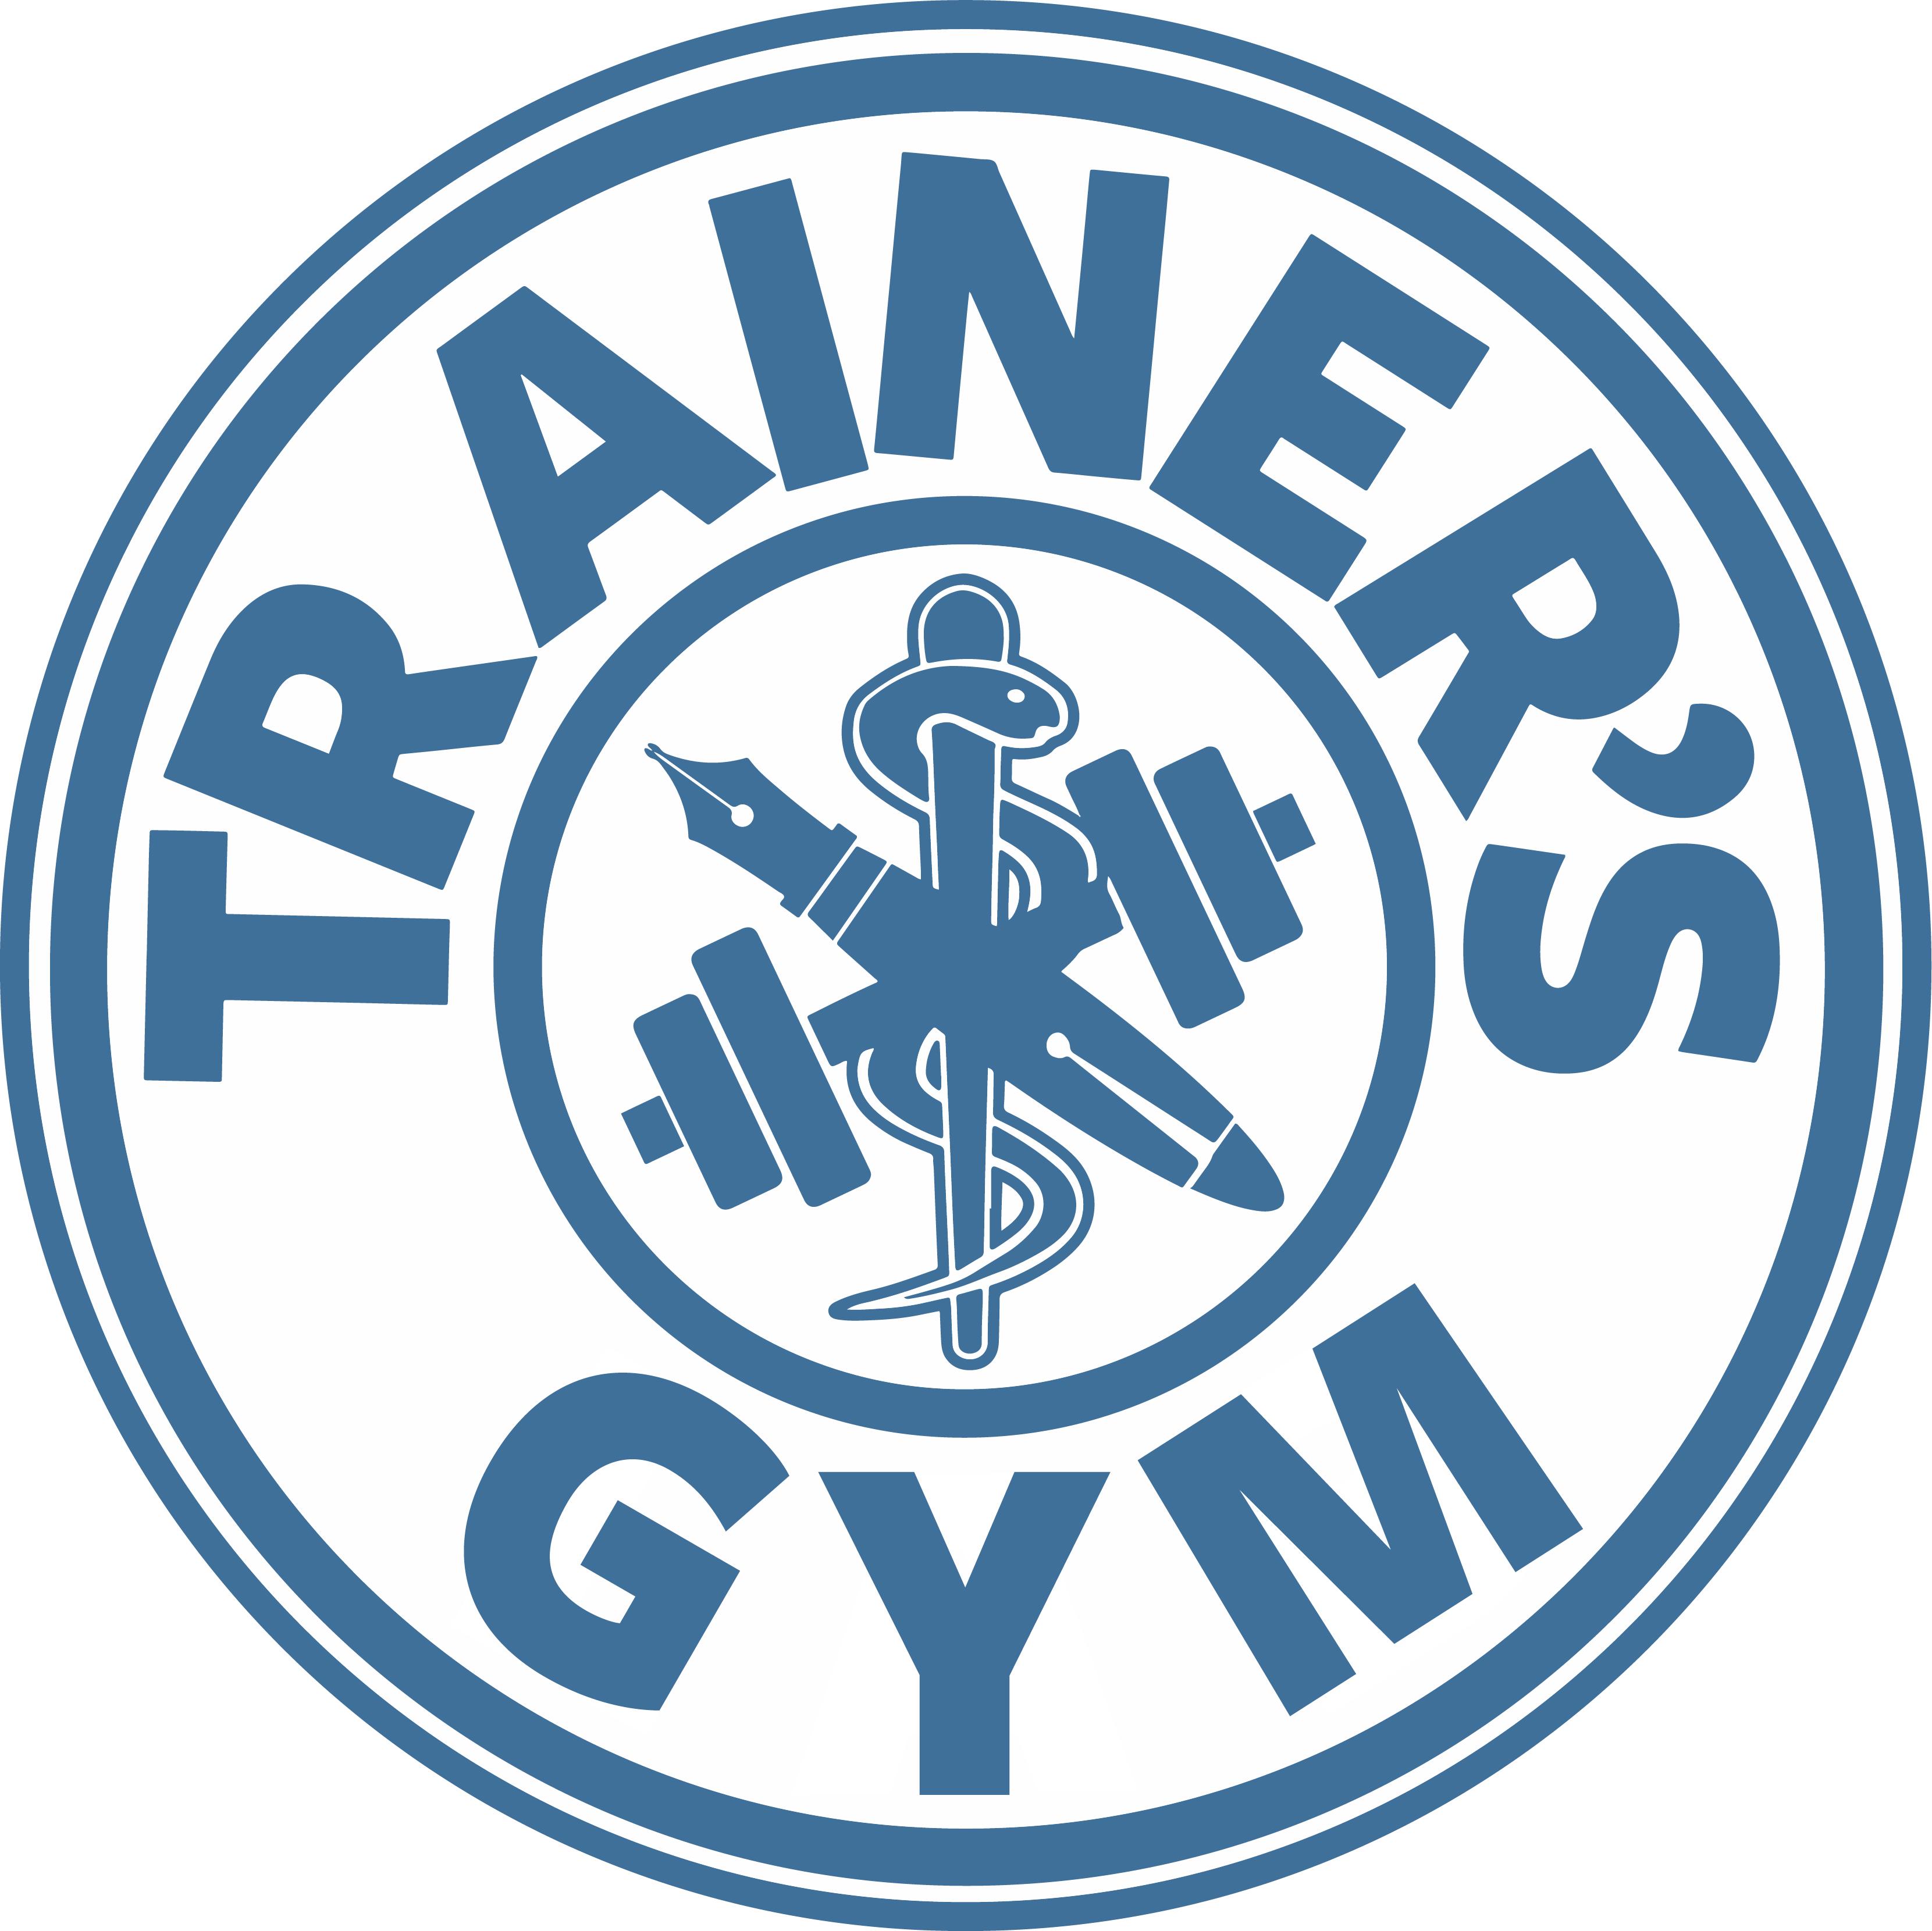 TRAINER'S GYM(トレーナーズジム)|最高の結果と安心を格安で提供する東京のパーソナルトレーニングジムの画像